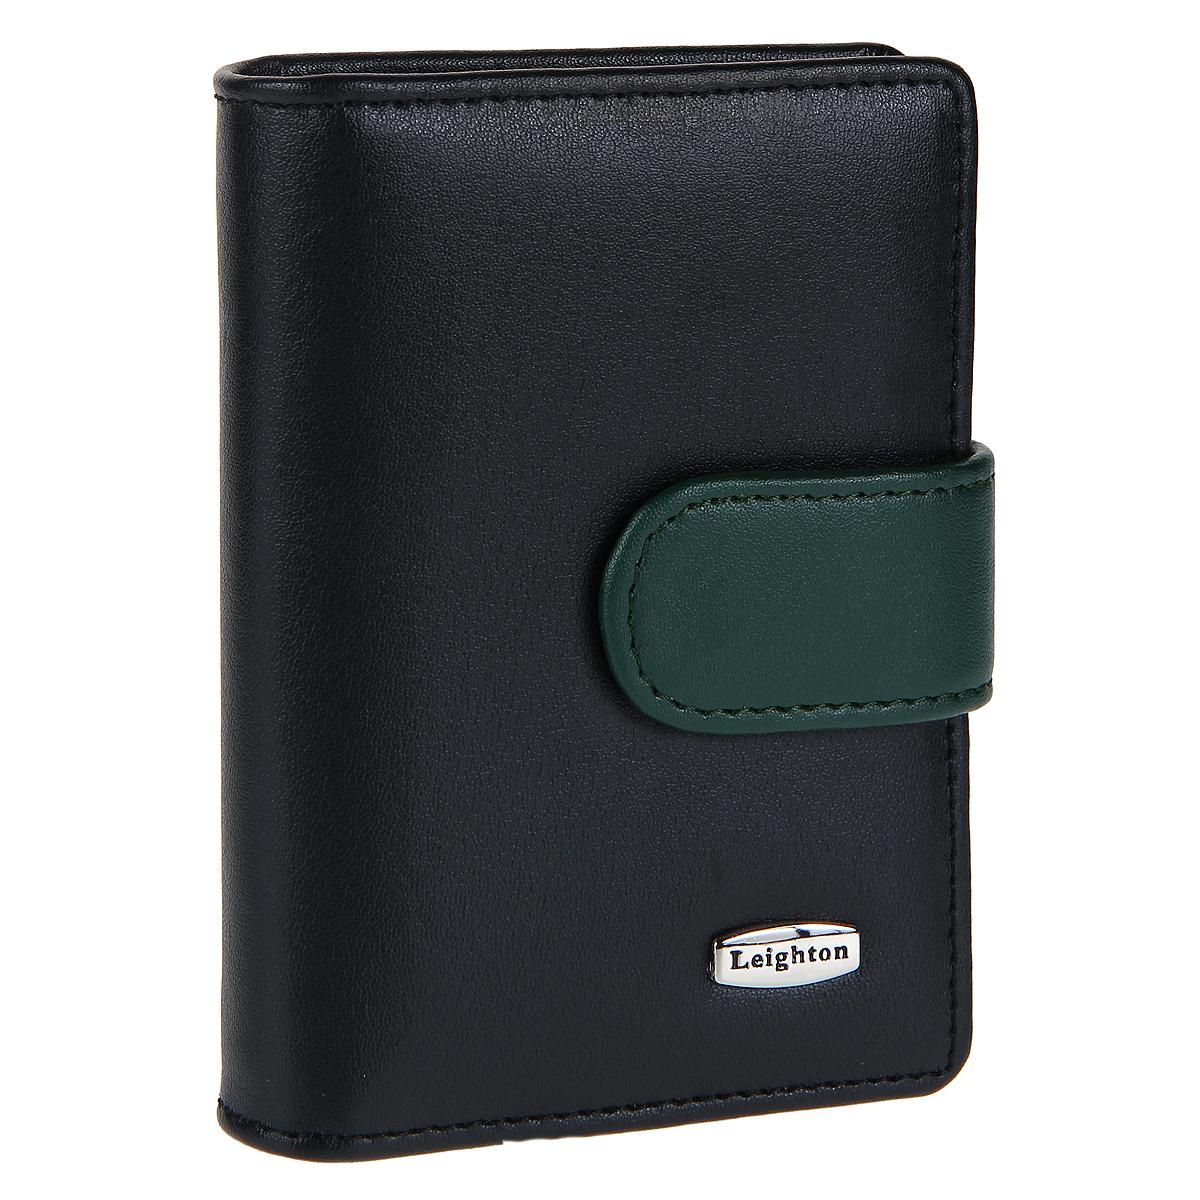 Визитница Leighton, цвет: черный, зеленый. 22108-1/220-132322108-1/220-1323 черн/зелВизитница Leighton выполнена из высококачественной натуральной кожи, оформлена пластинкой с логотипом бренда. Модель закрывается хлястиком с кнопкой. Внутри - двадцать отделений для визиток из прозрачного пластика. Также внутри есть отделение с прозрачным окошком. Такая визитница станет отличным подарком человеку, ценящему практичные и стильные вещи, а качество его исполнения представит такой подарок в самом выгодном свете.